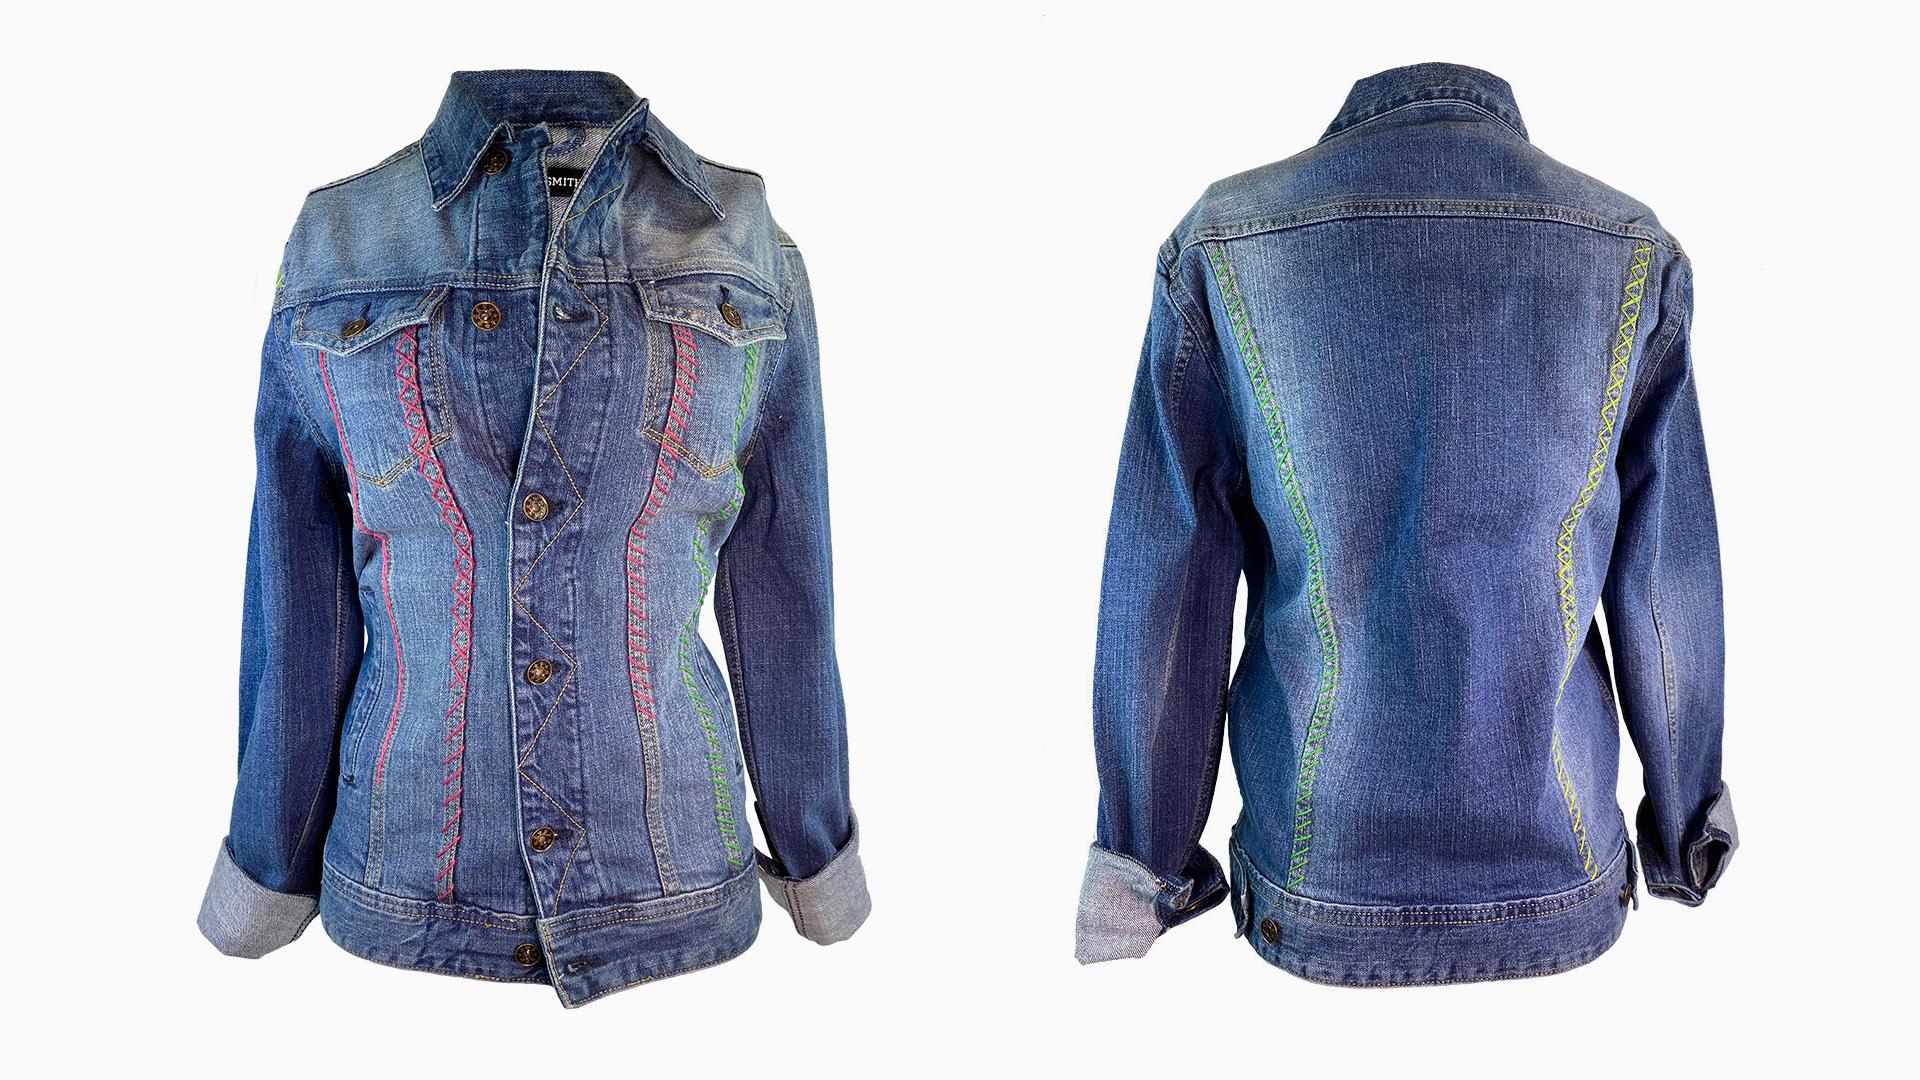 Giacca jeans donna outfit: 7 e più modi per indossarla